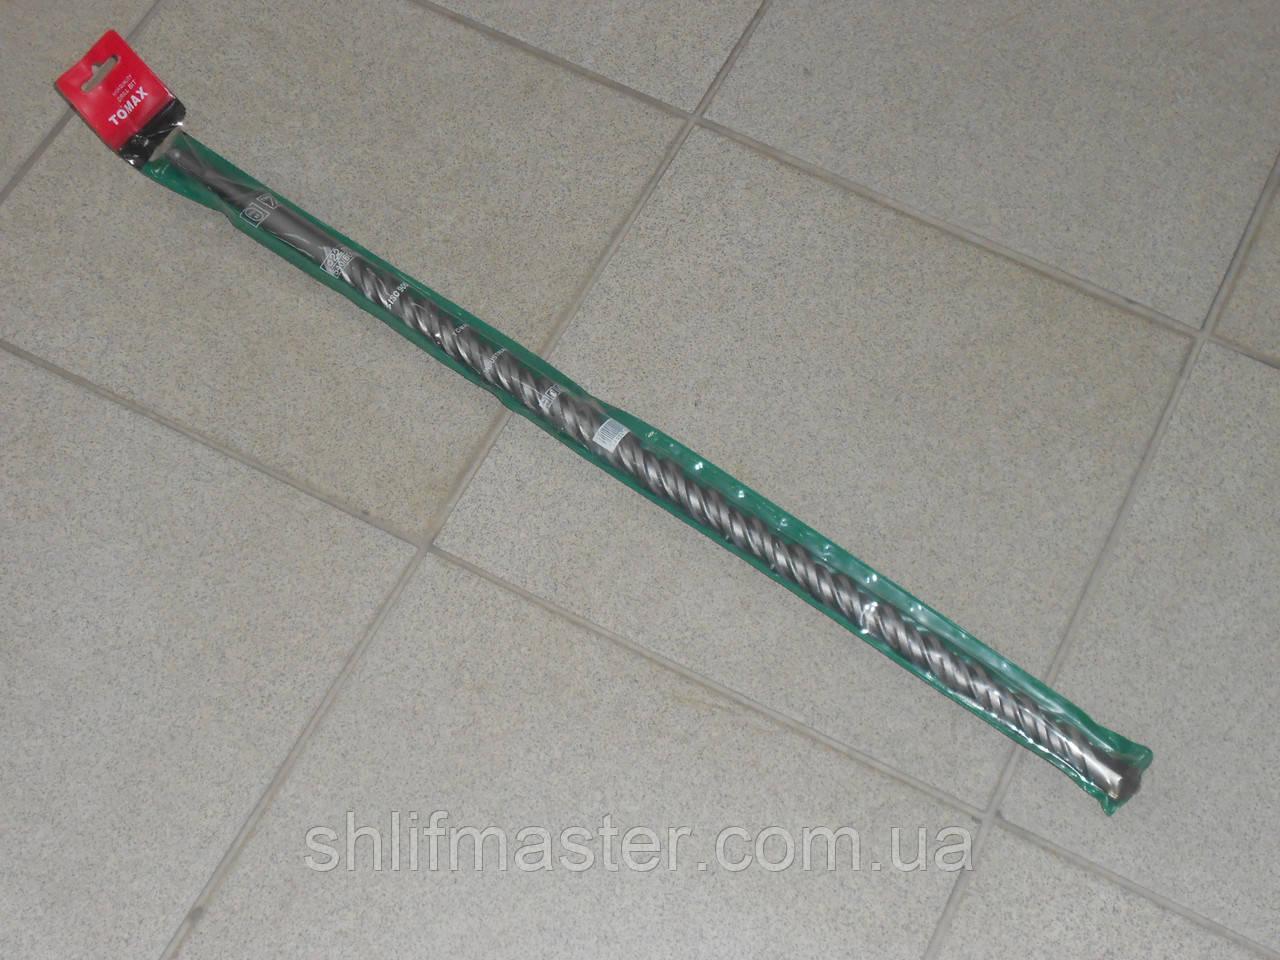 Бур (сверло) по бетону SDS plus Tomax 22х600 мм